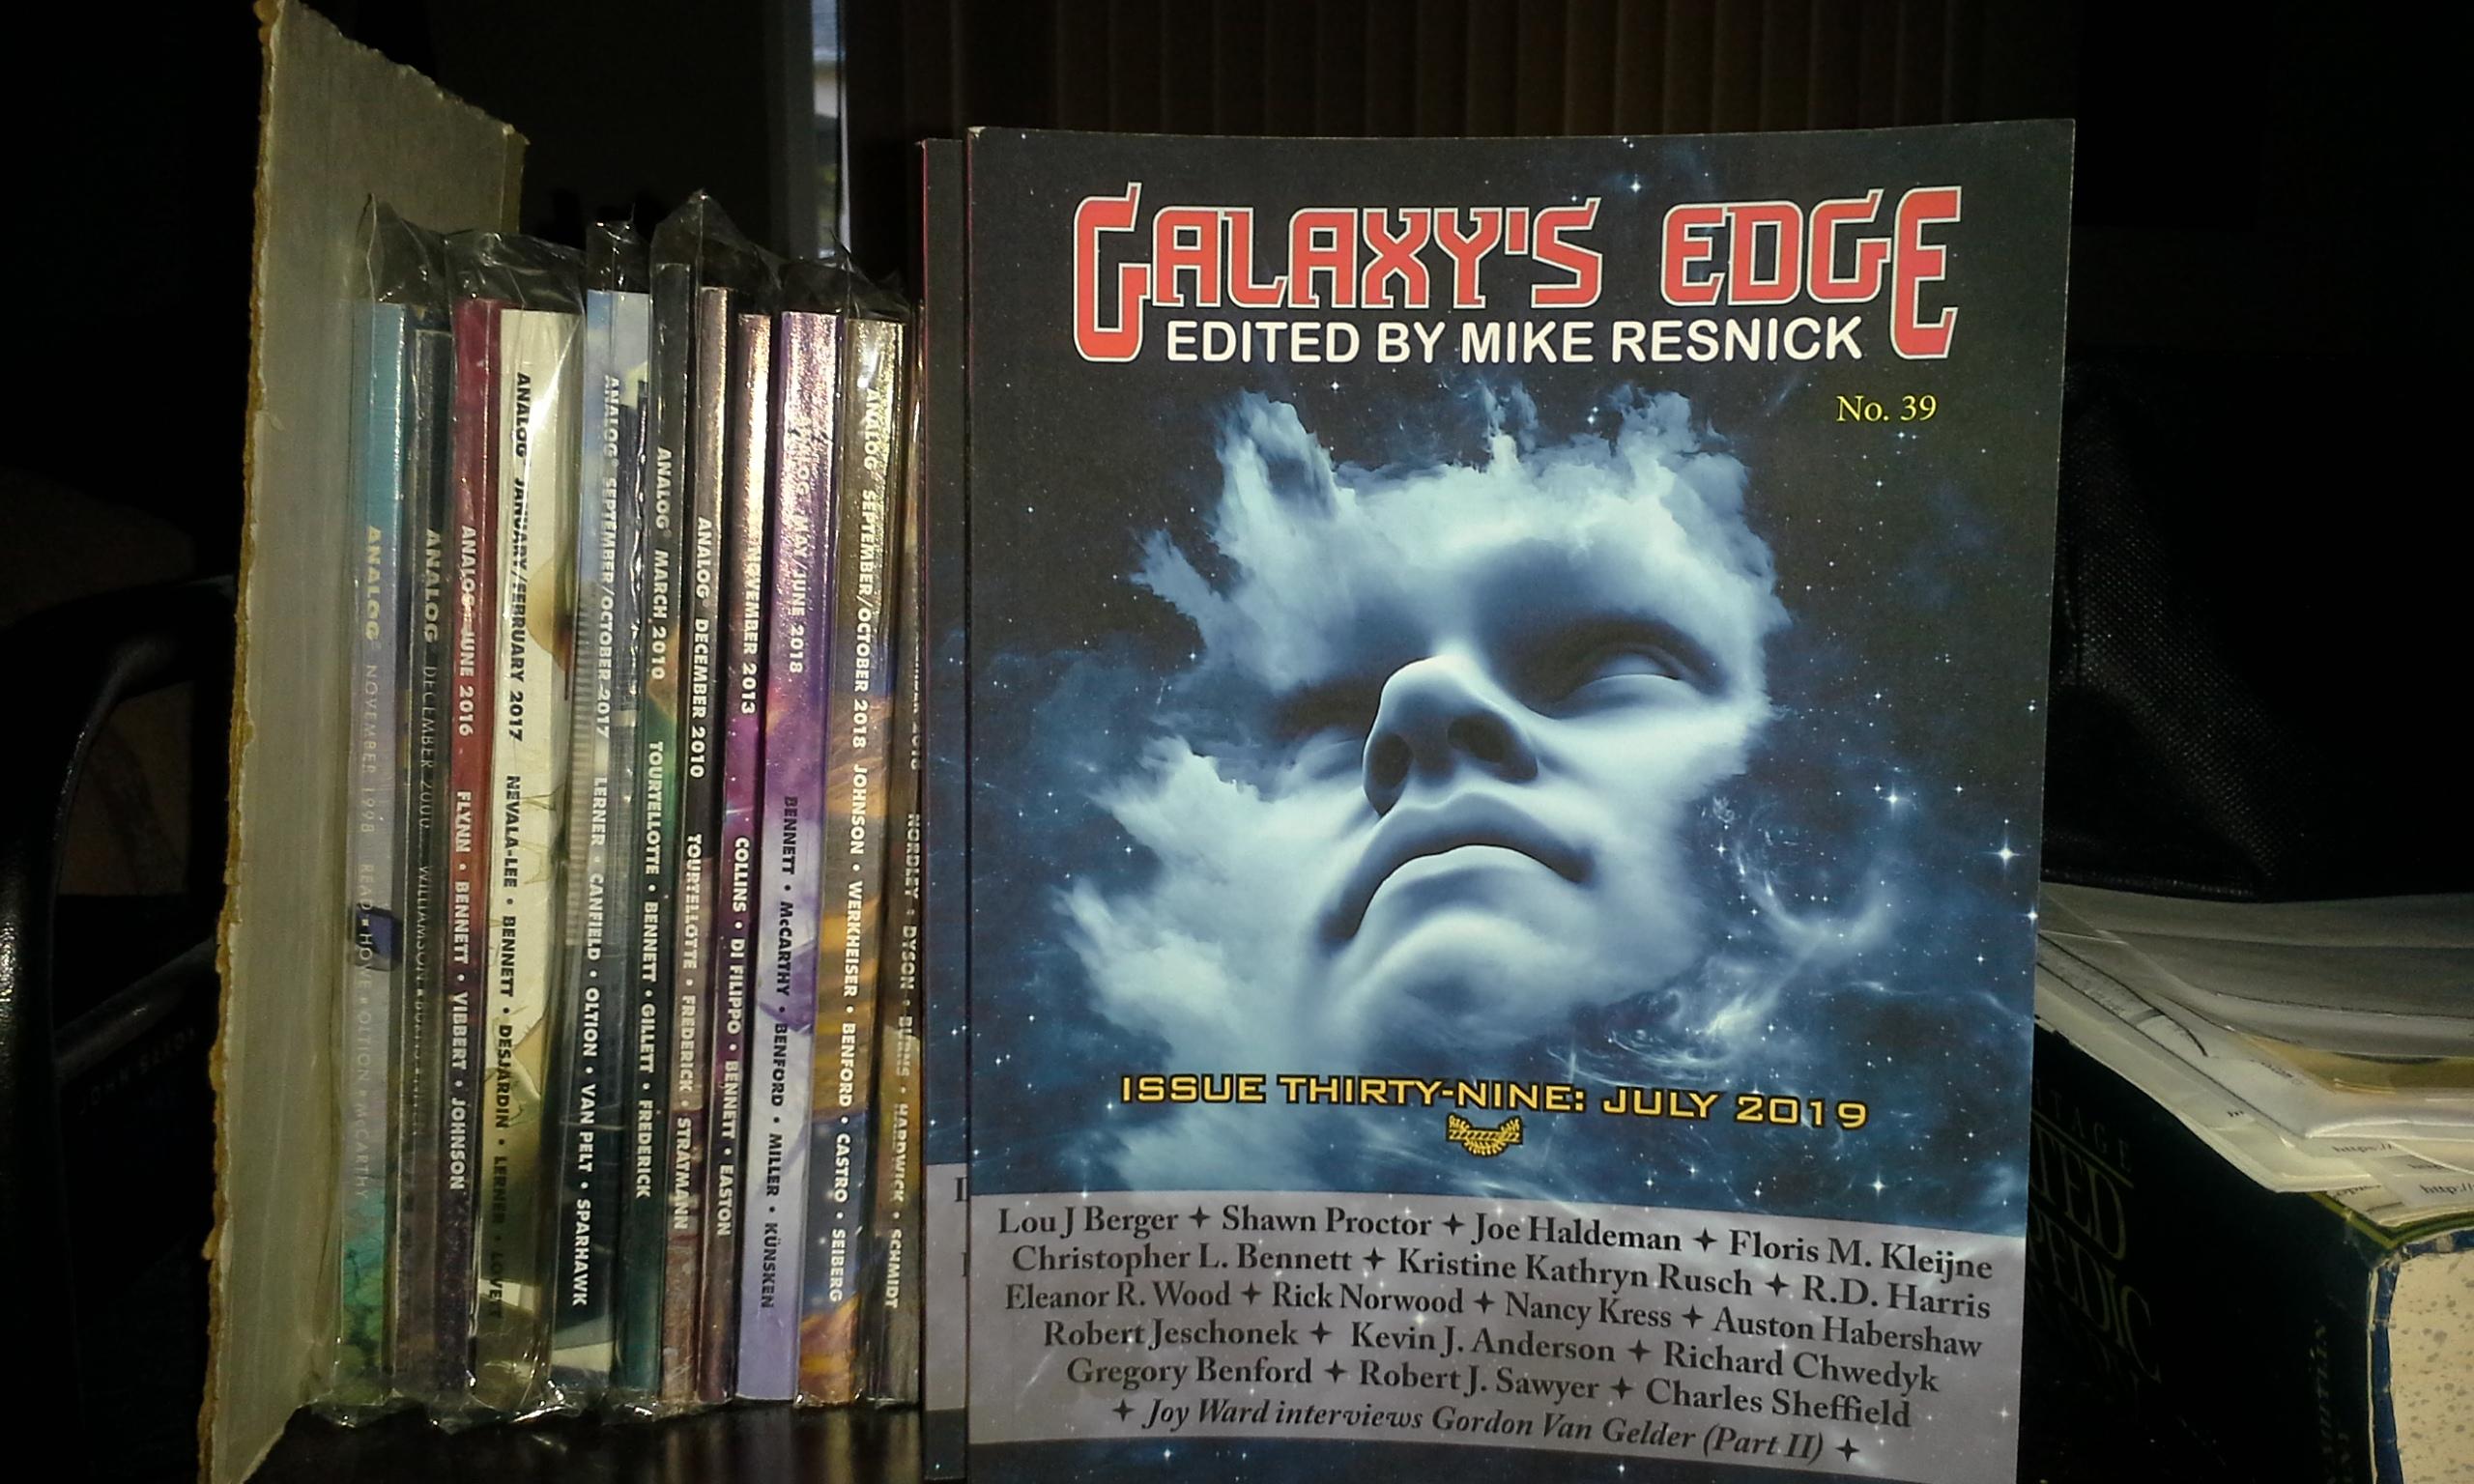 Galaxys Edge 39